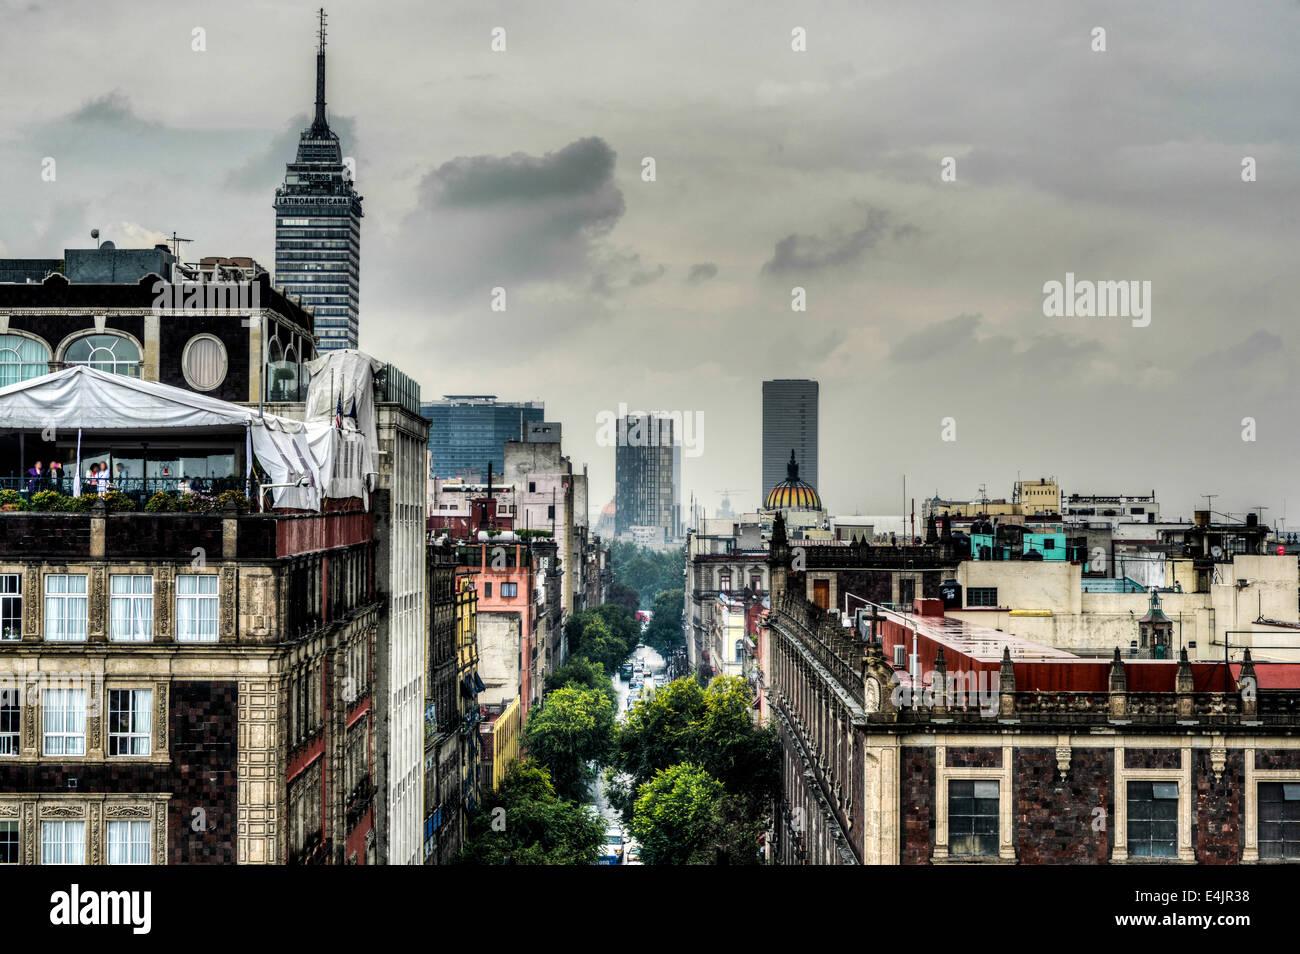 Vista aerea di Città del Messico come si vede dalla Cattedrale Metropolitana. Immagini Stock